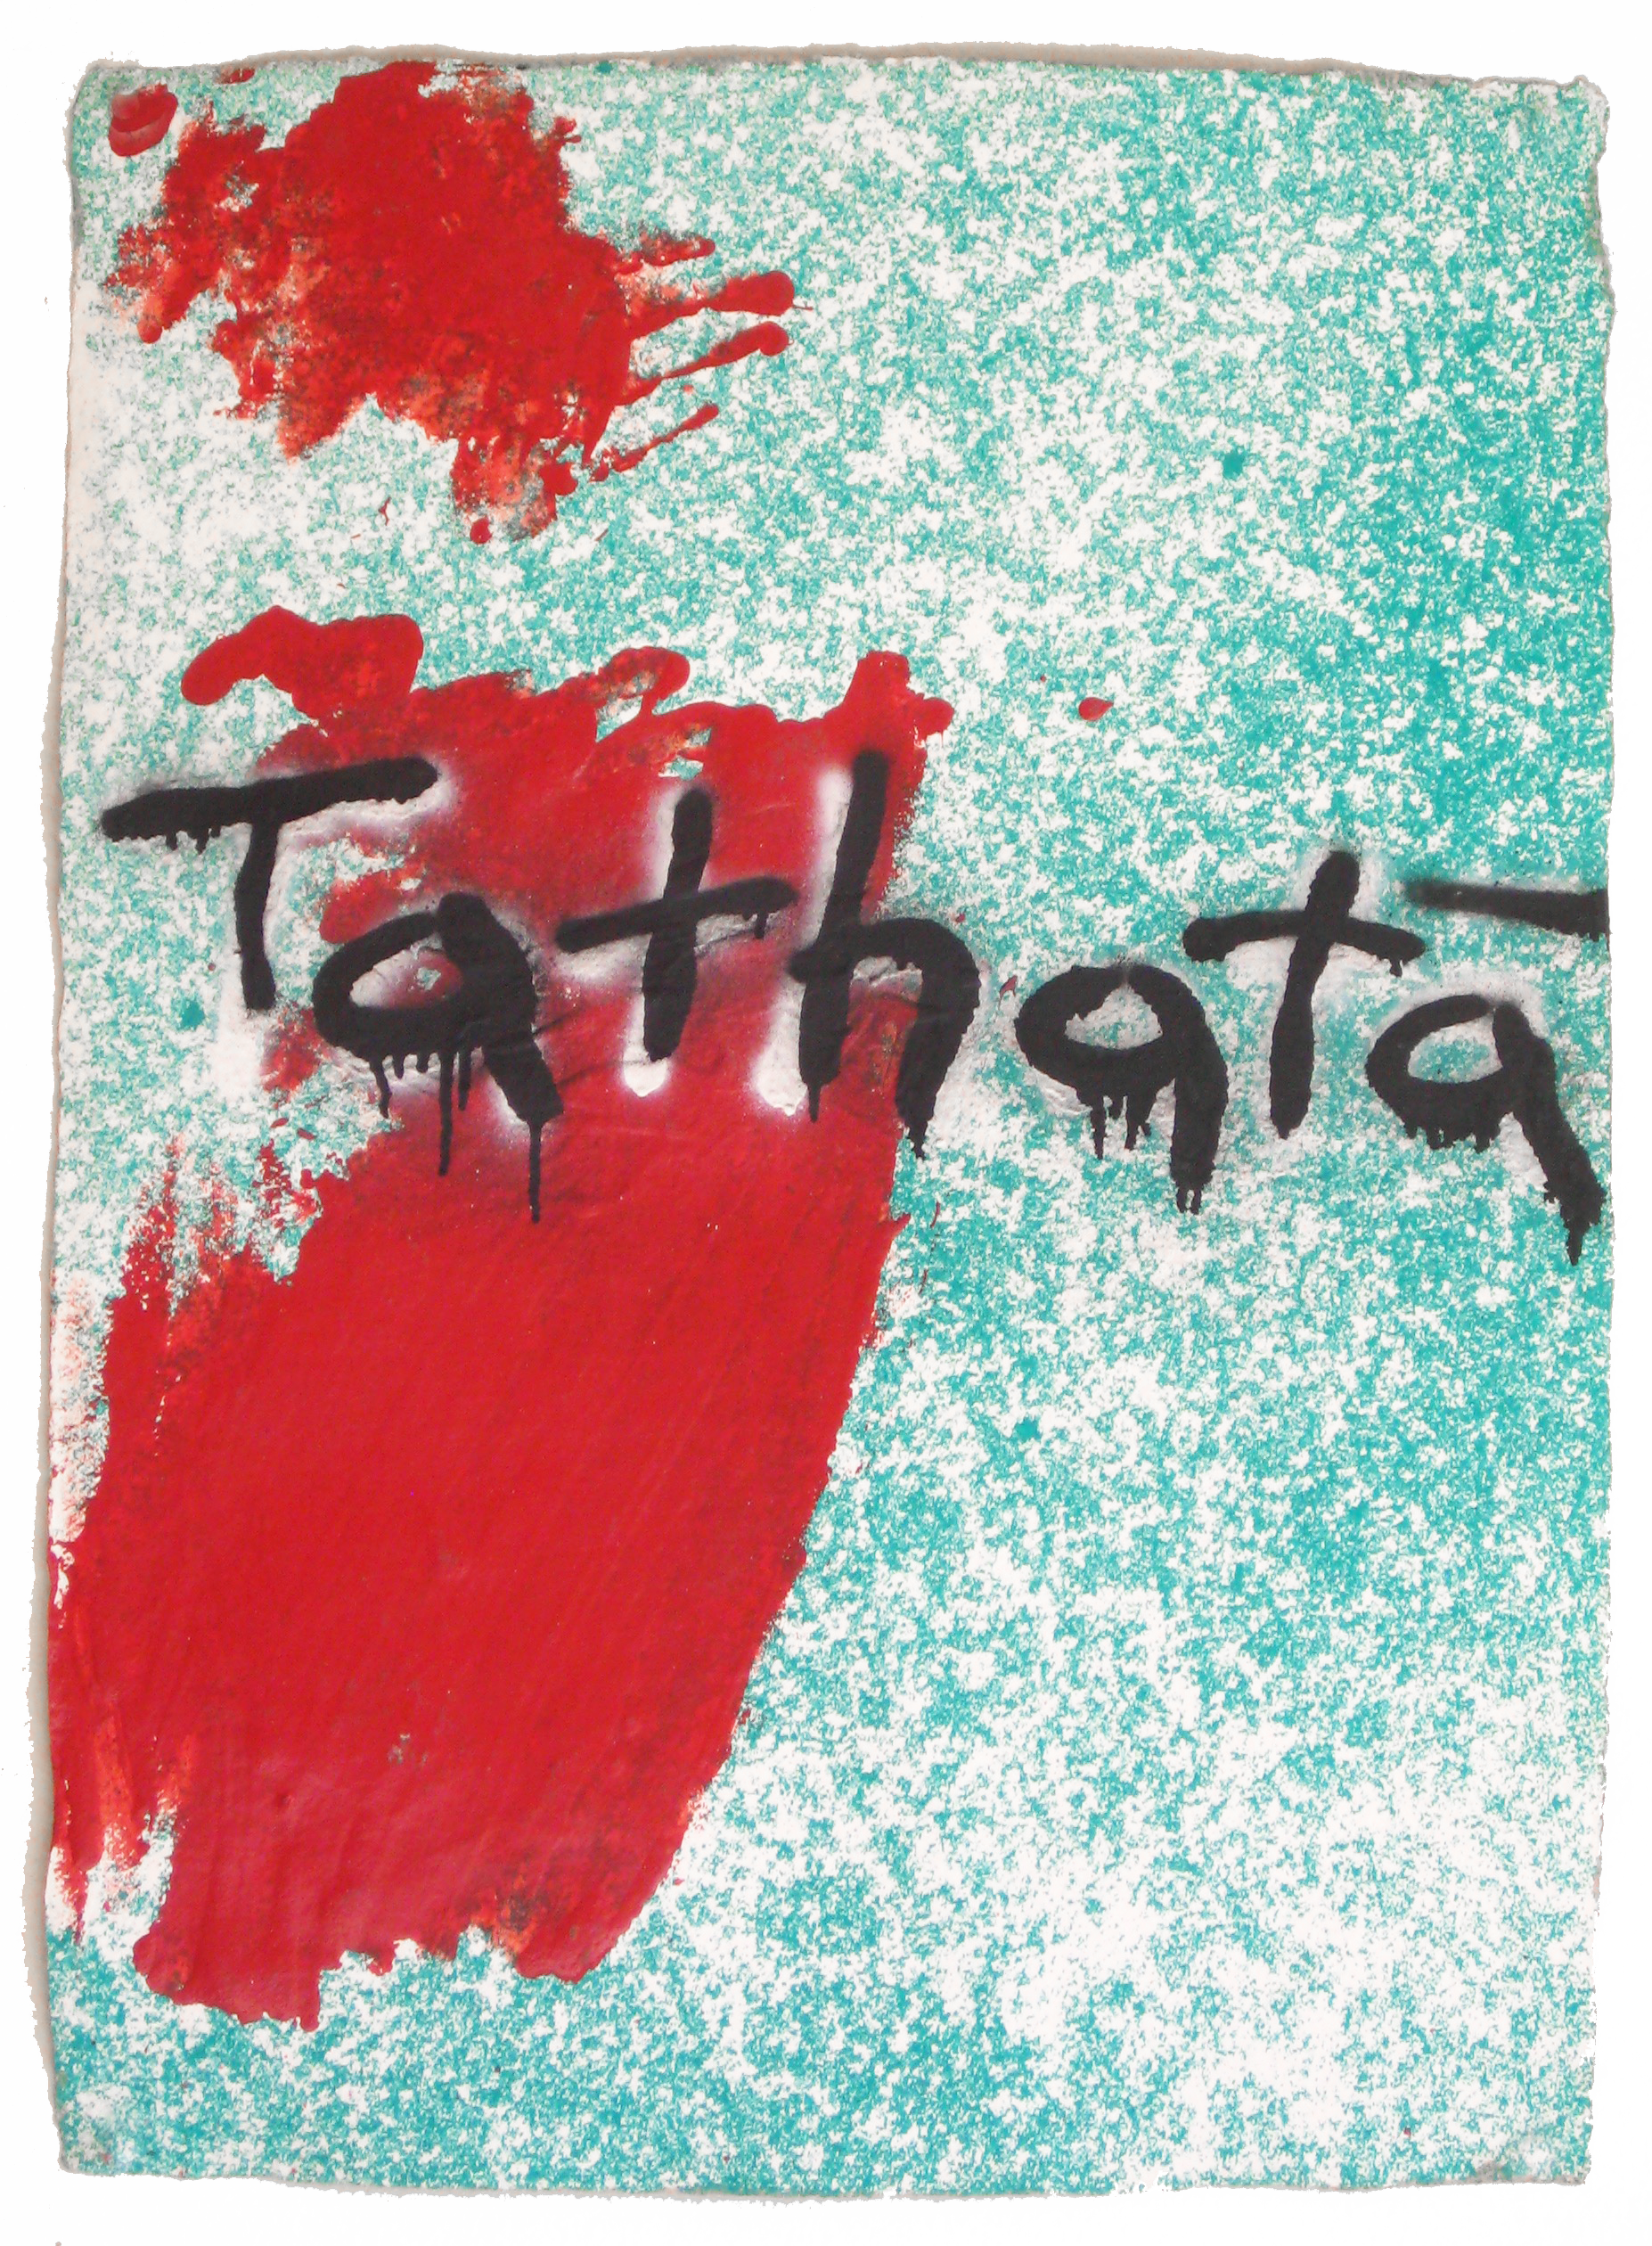 Tathātā